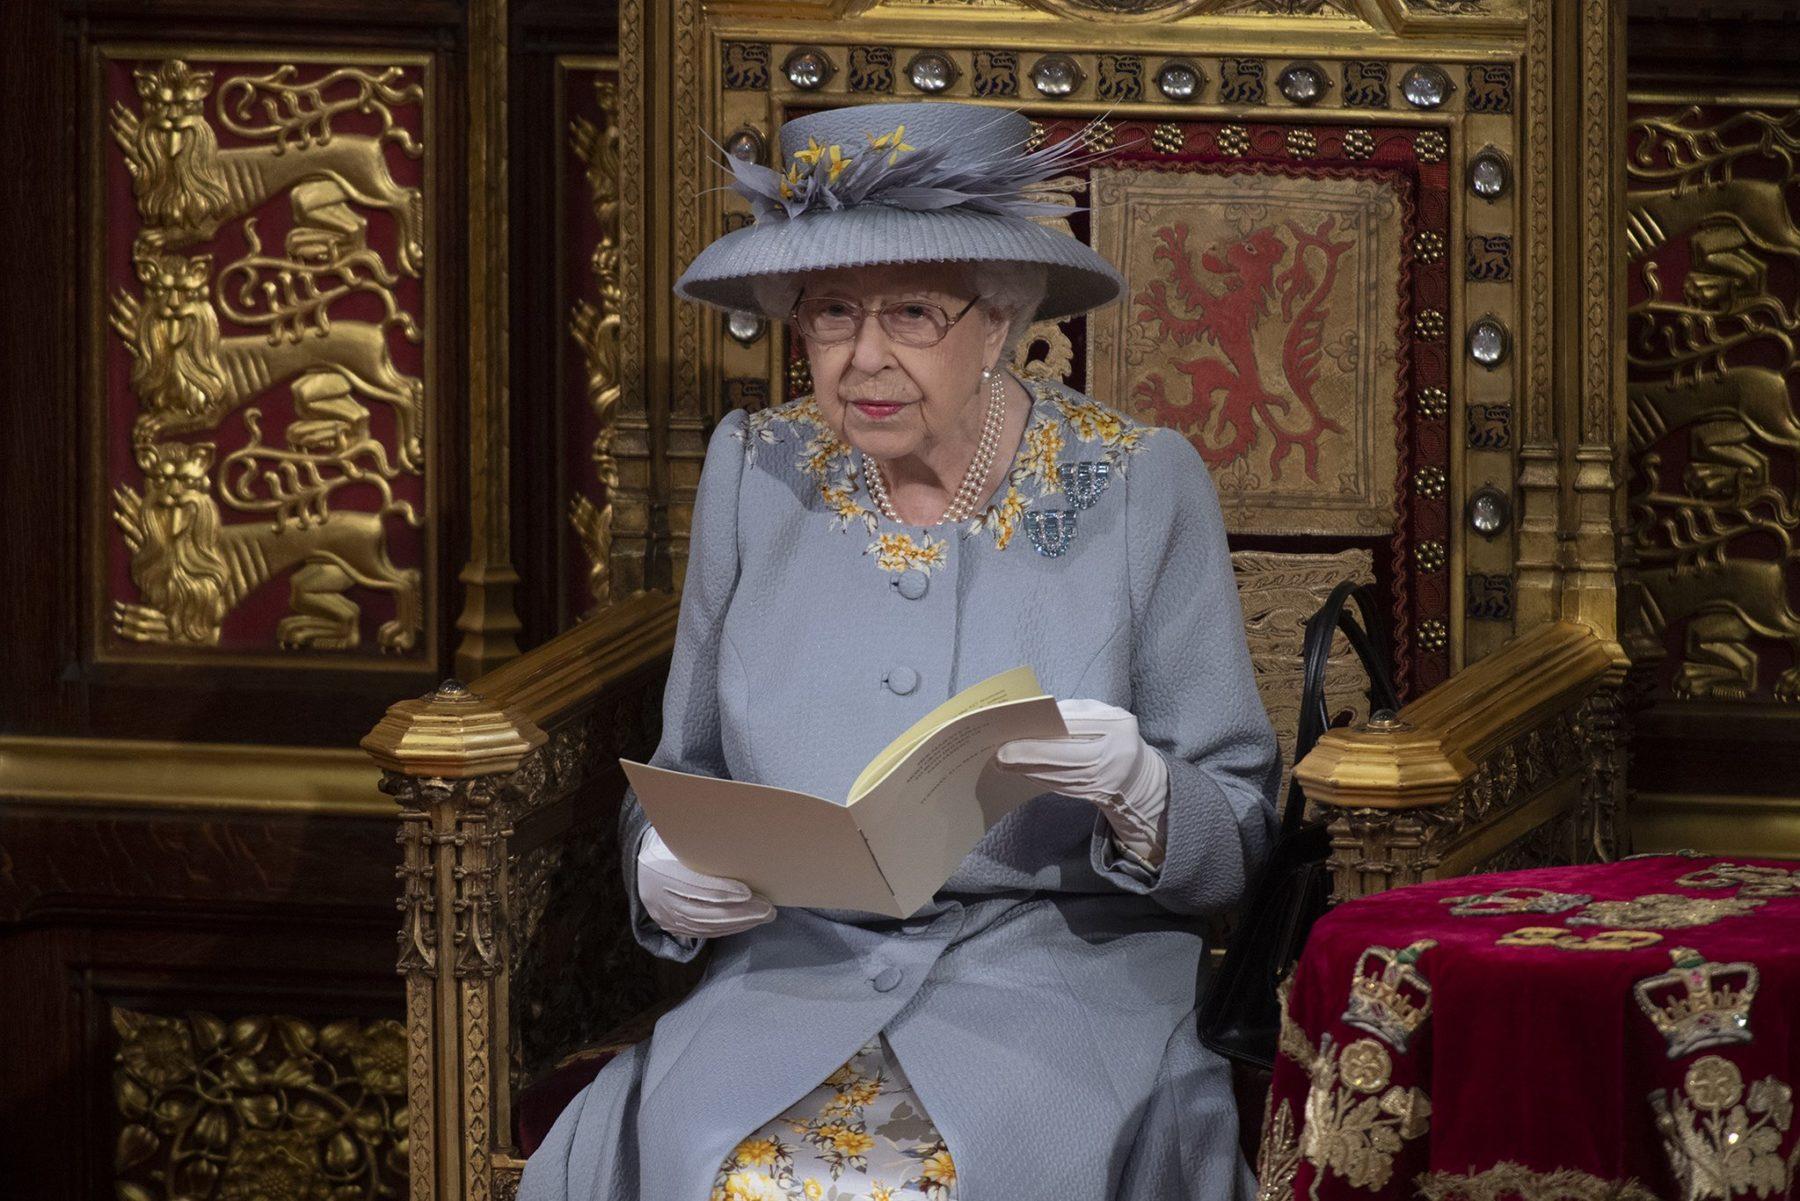 Le discours n'est pas rédigé par la reine, mais par le gouvernement, décrivant les politiques et les projets de loi futurs